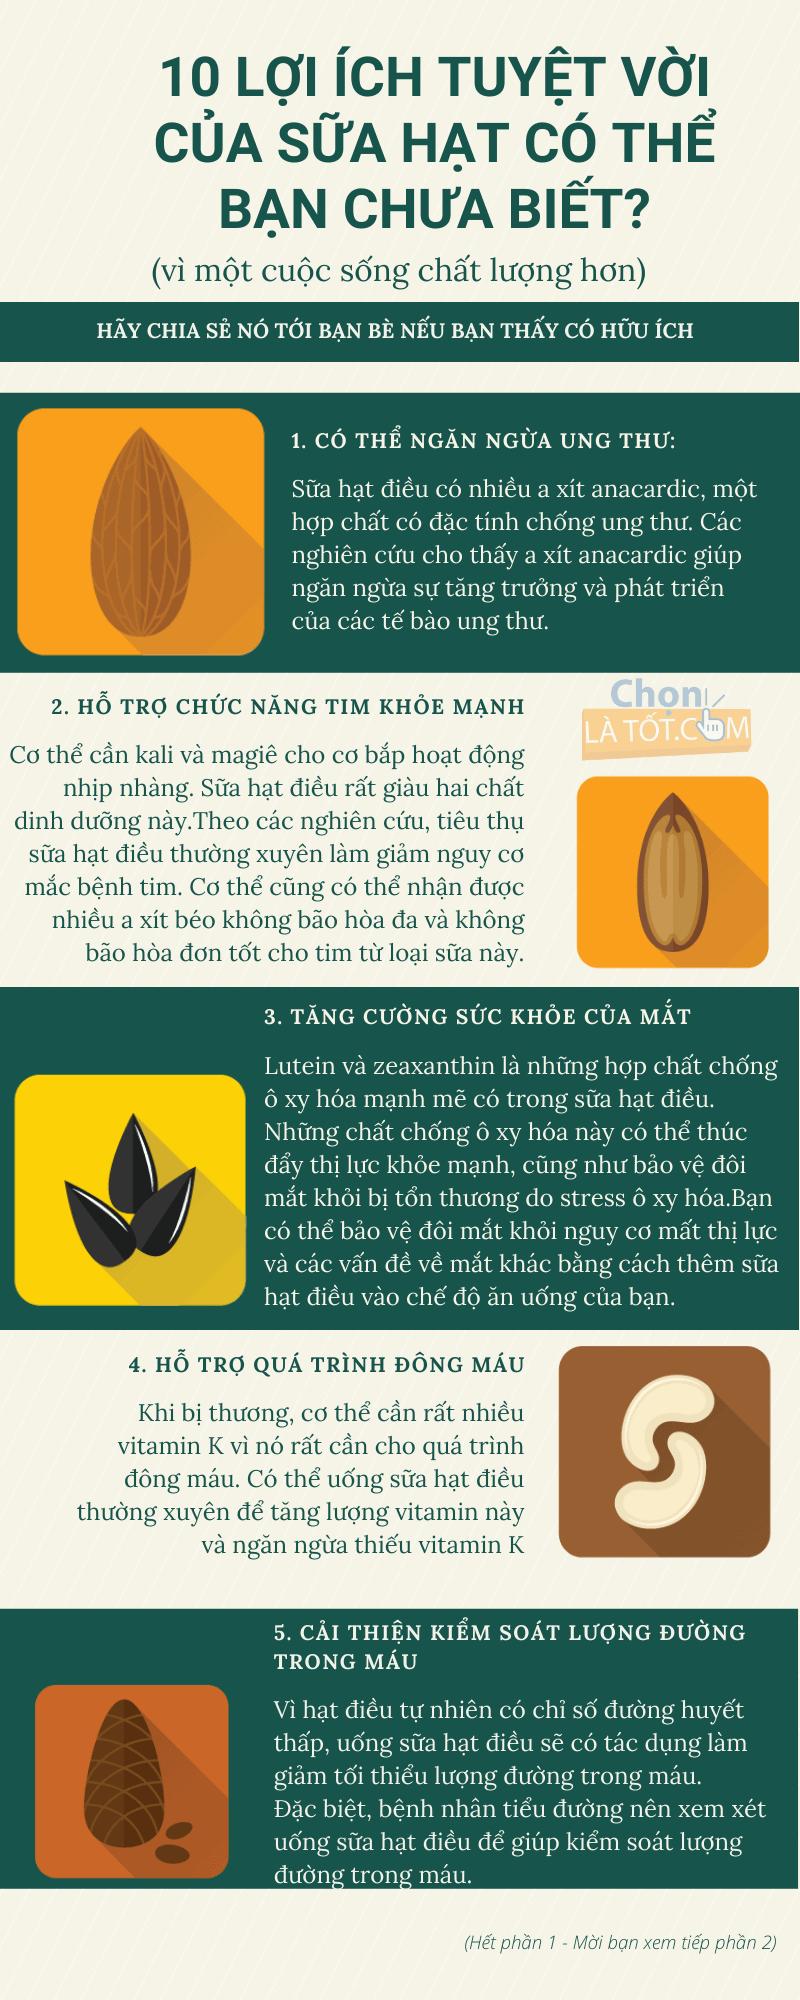 10 lợi ích tuyệt vời của sữa hạt